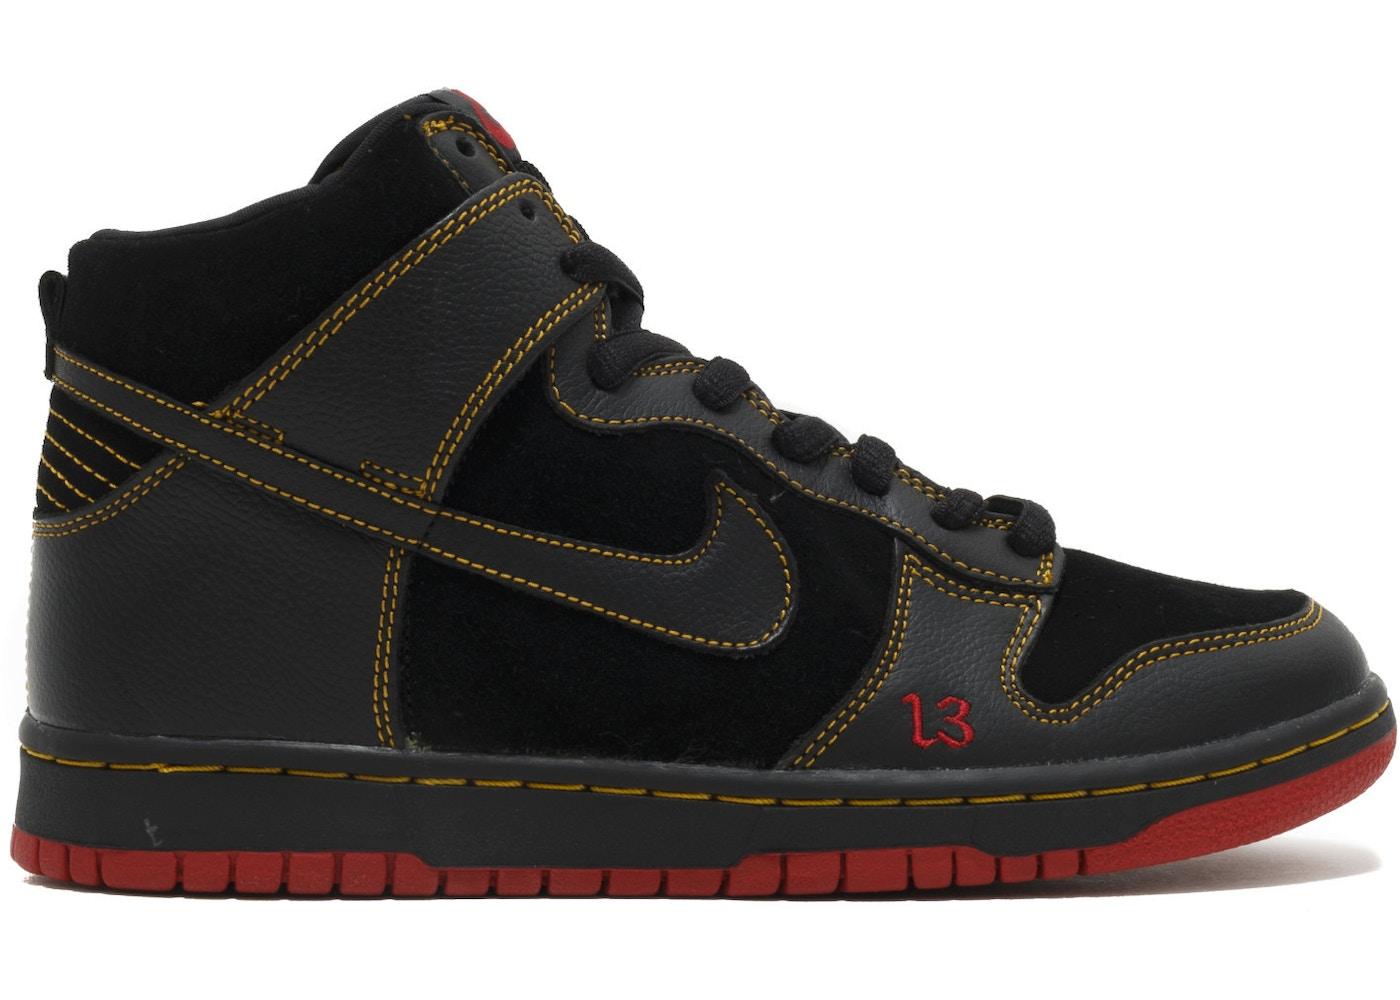 9863d4b0 Nike Dunk High Unlucky - 305050-001